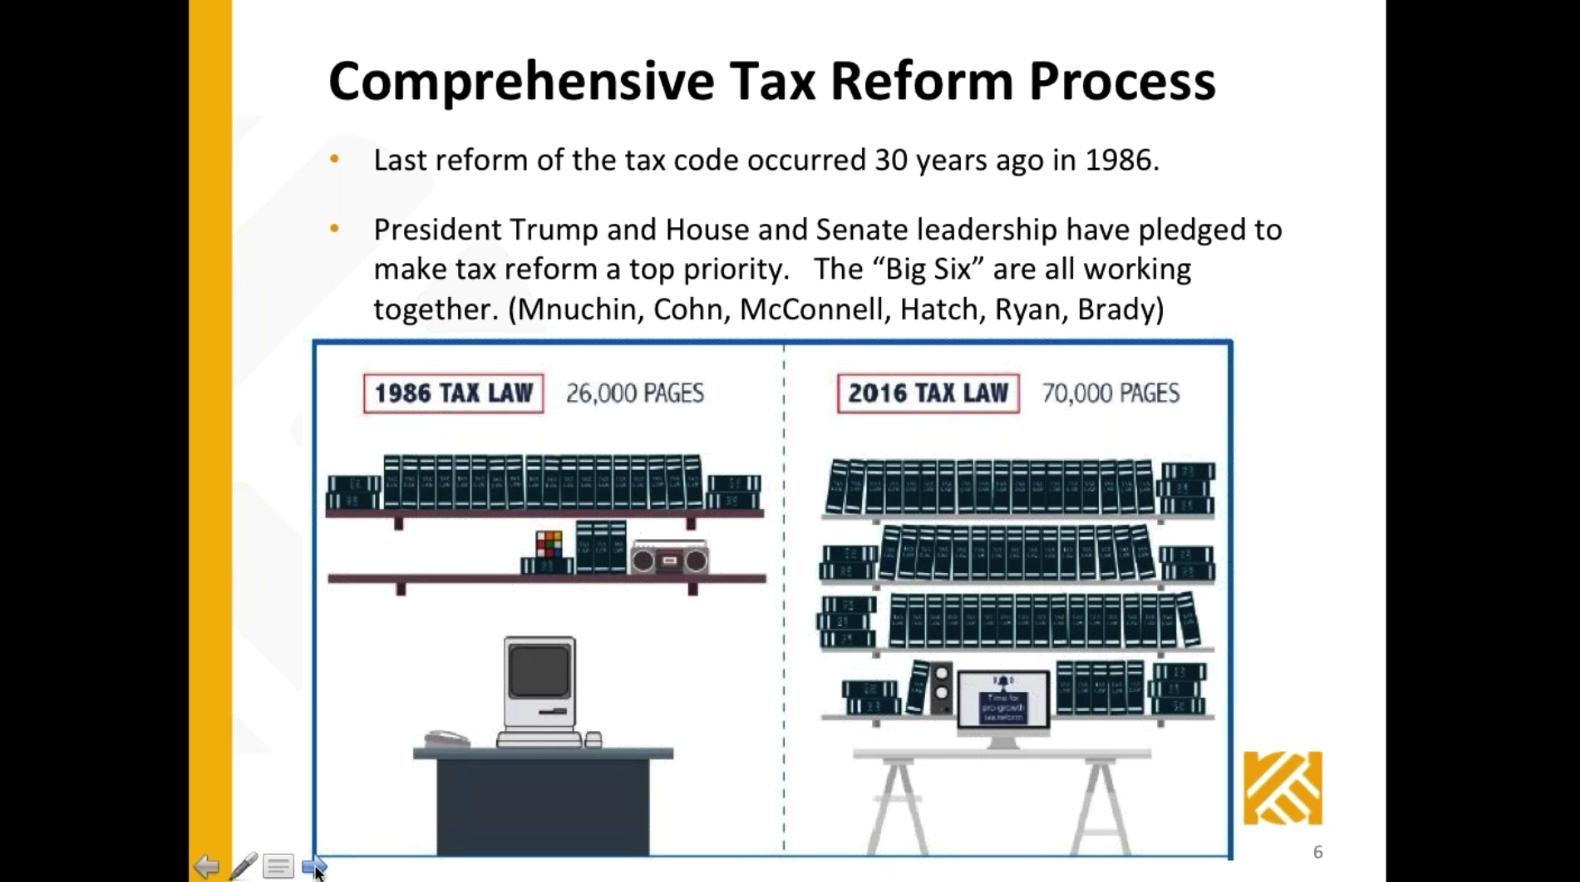 tax-reform-process-11-21-17.png